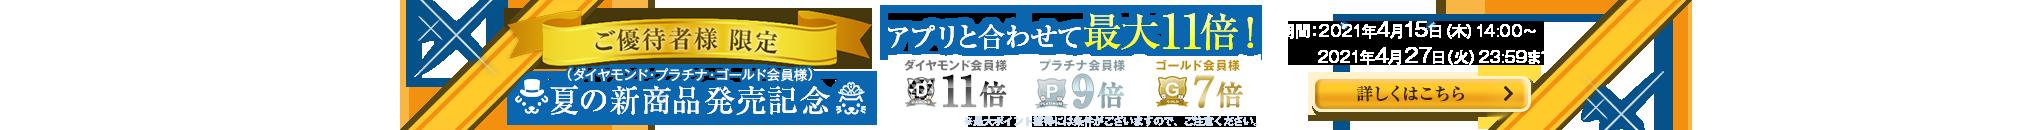 夏の新商品発売記念!ご優待様限定ポイントUP